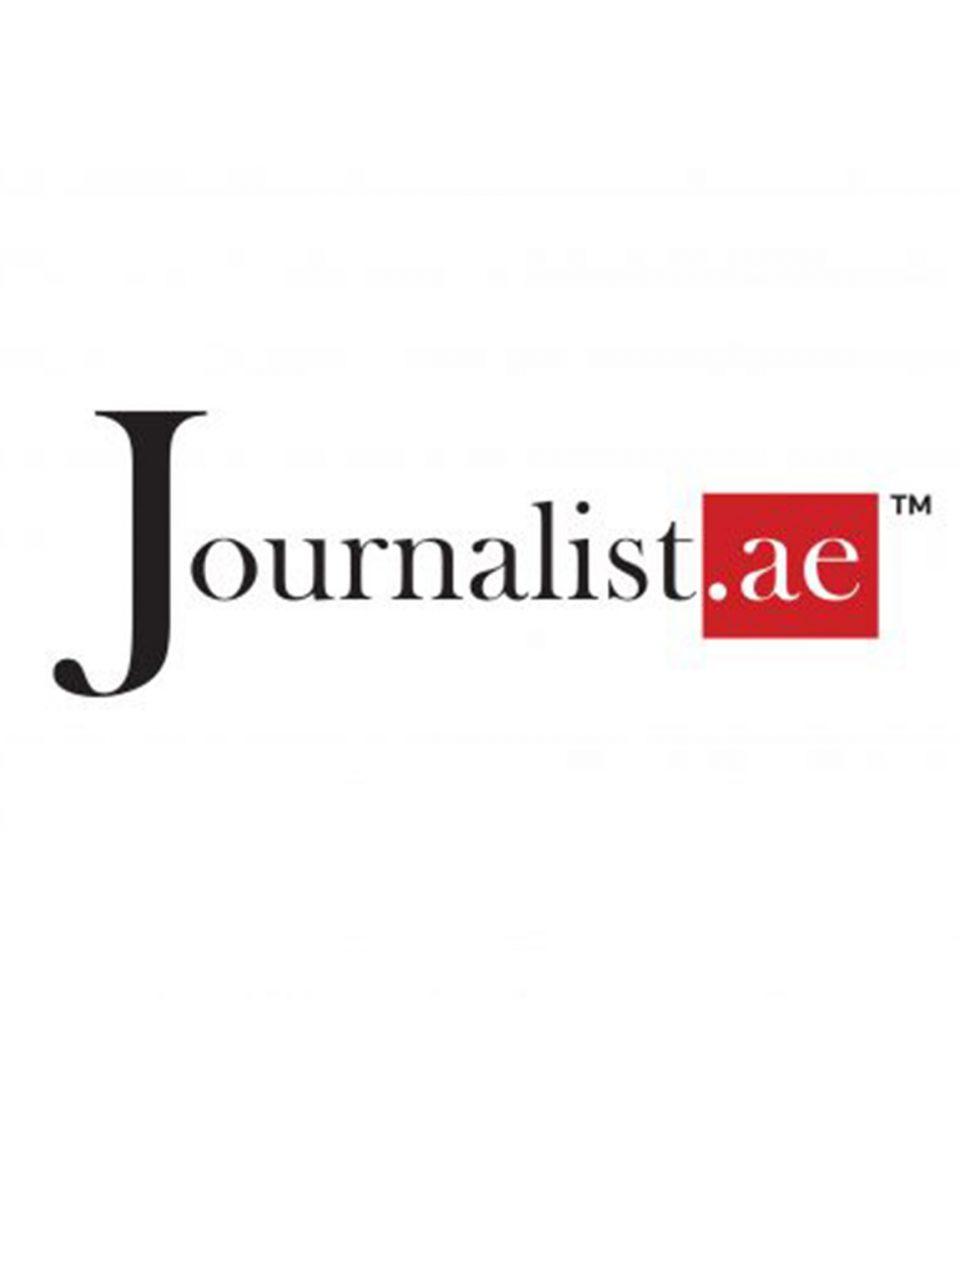 Journalist.ae Logo